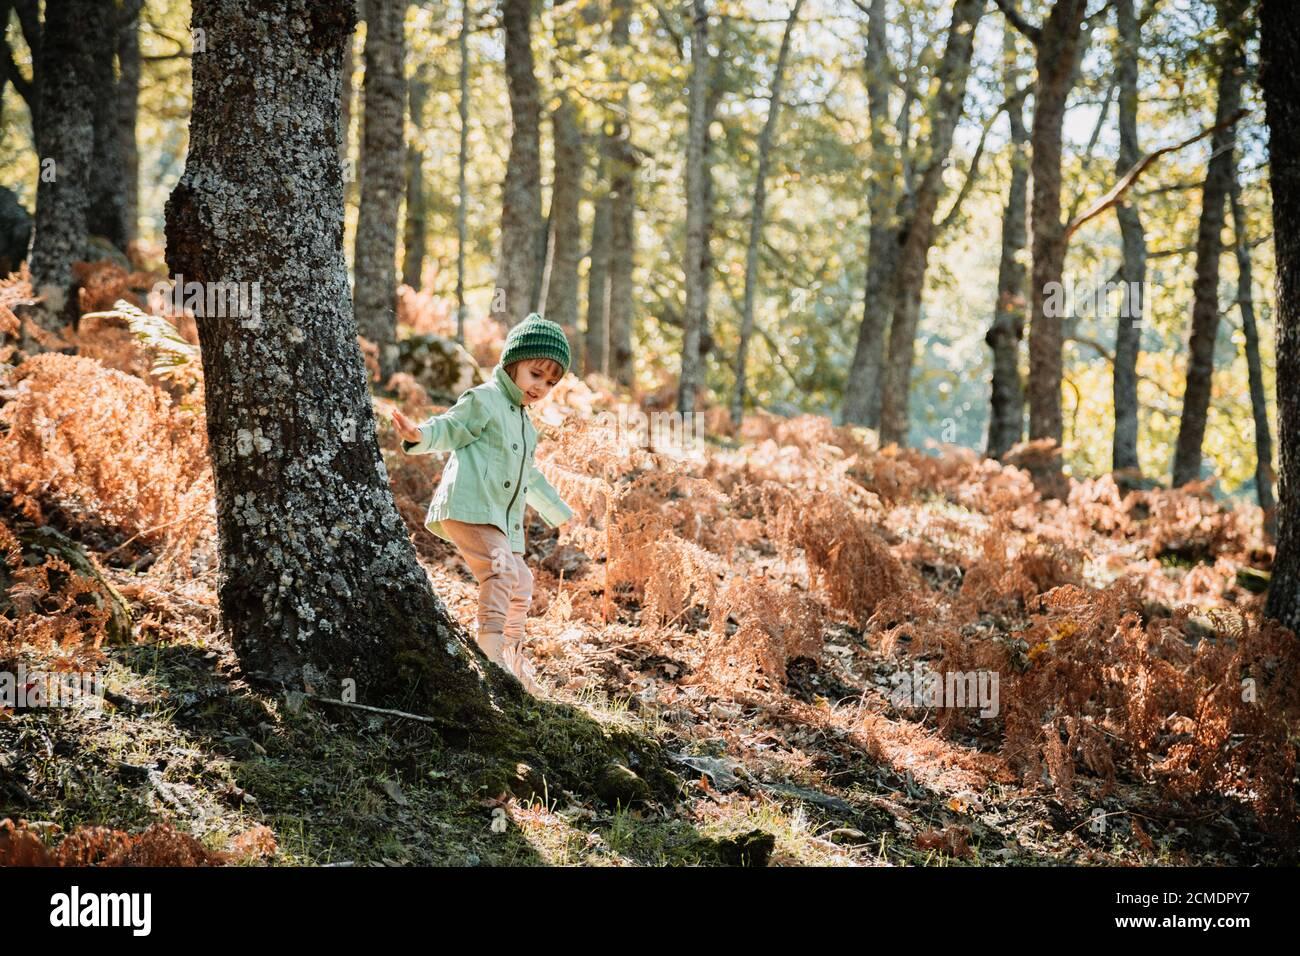 Petite fille dans une forêt d'automne parmi les fougères Banque D'Images